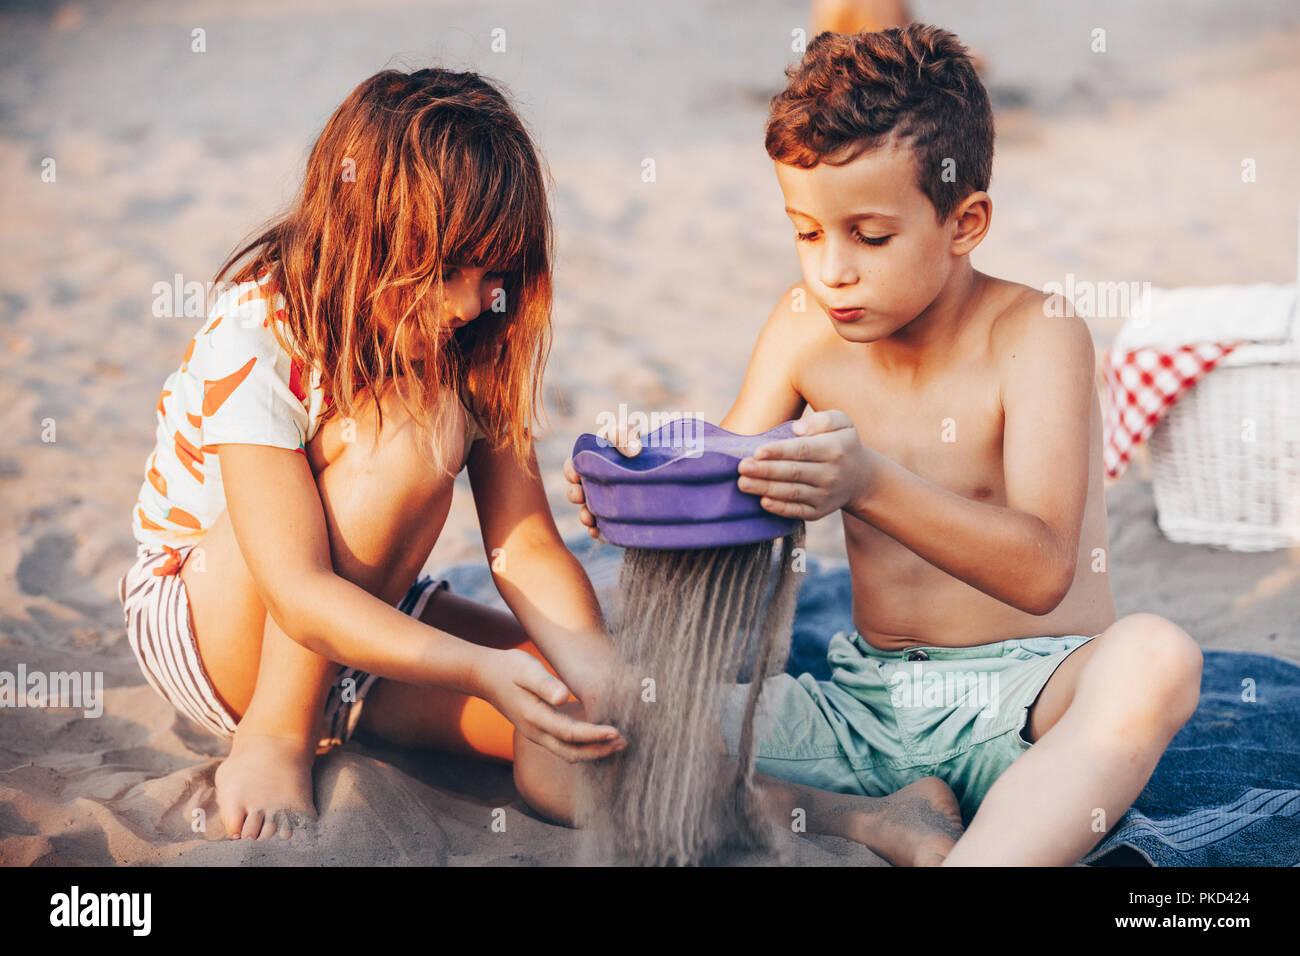 Felices los Niños positivos sentada sobre una toalla en la playa y jugar con arena. Vacaciones de verano y el concepto de estilo de vida saludable Imagen De Stock